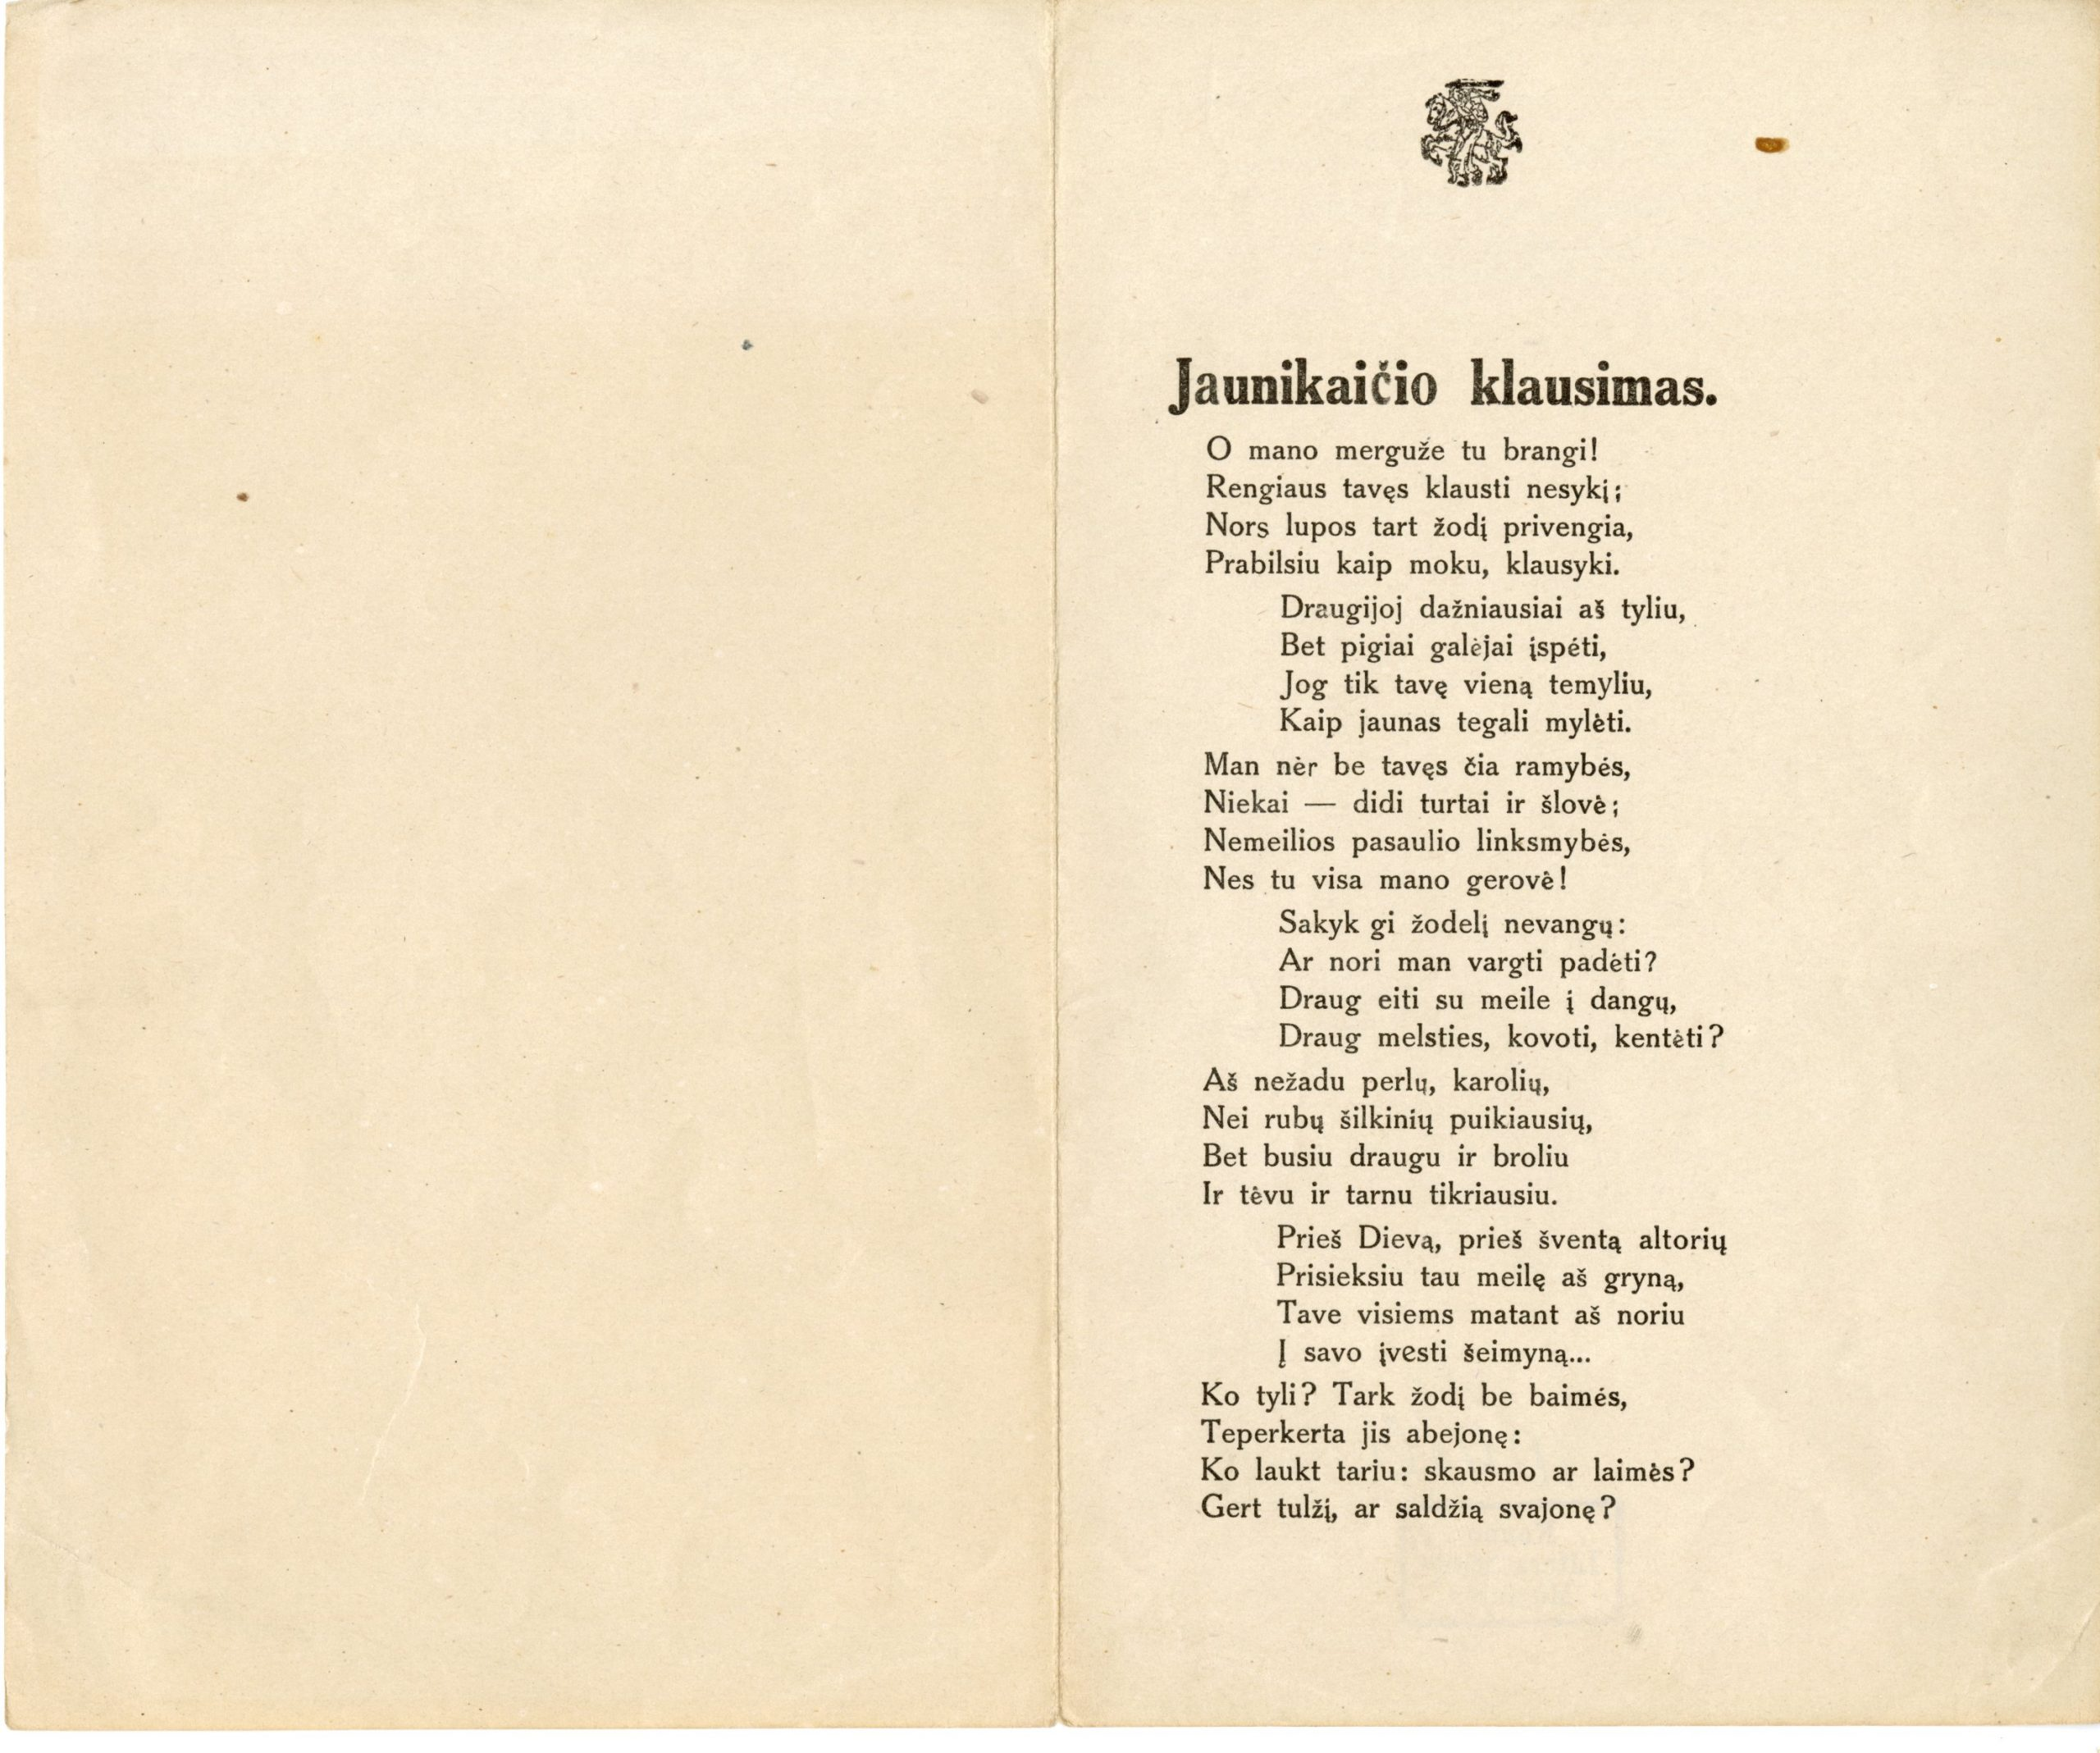 A. Jakšto eilėraštis ant laiškinio popieriaus lapo